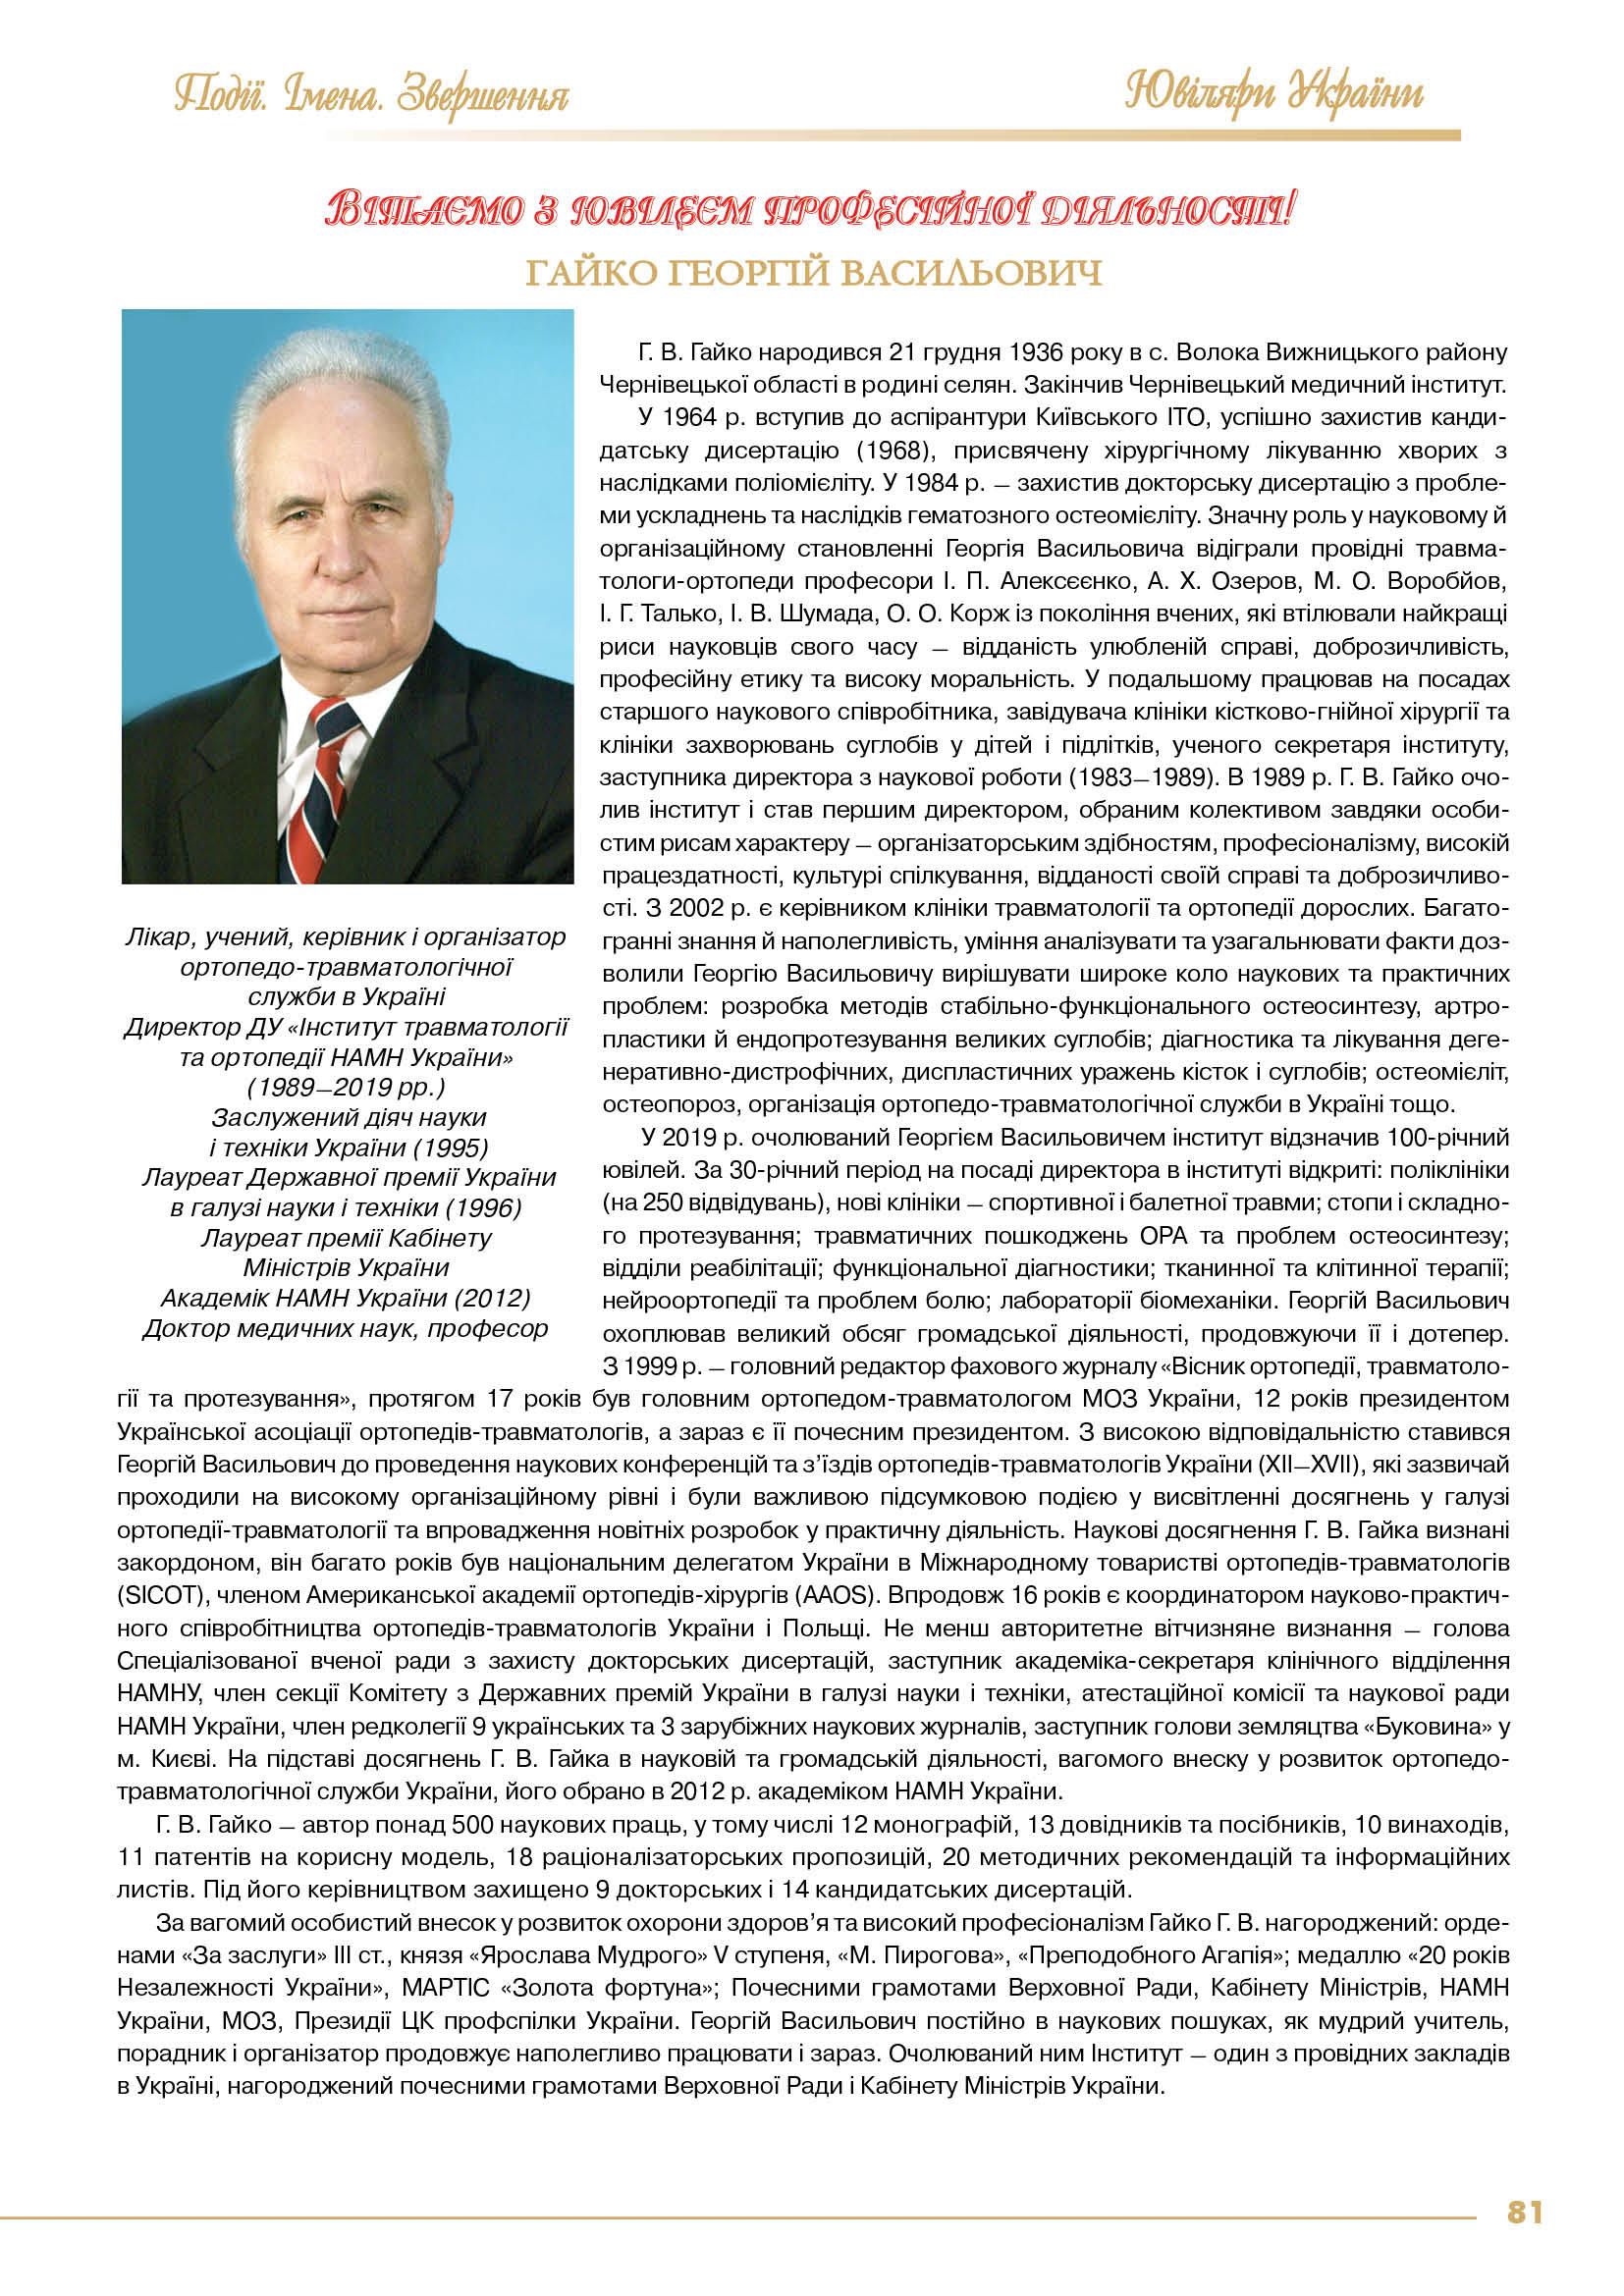 Гайко Георгій Васильович